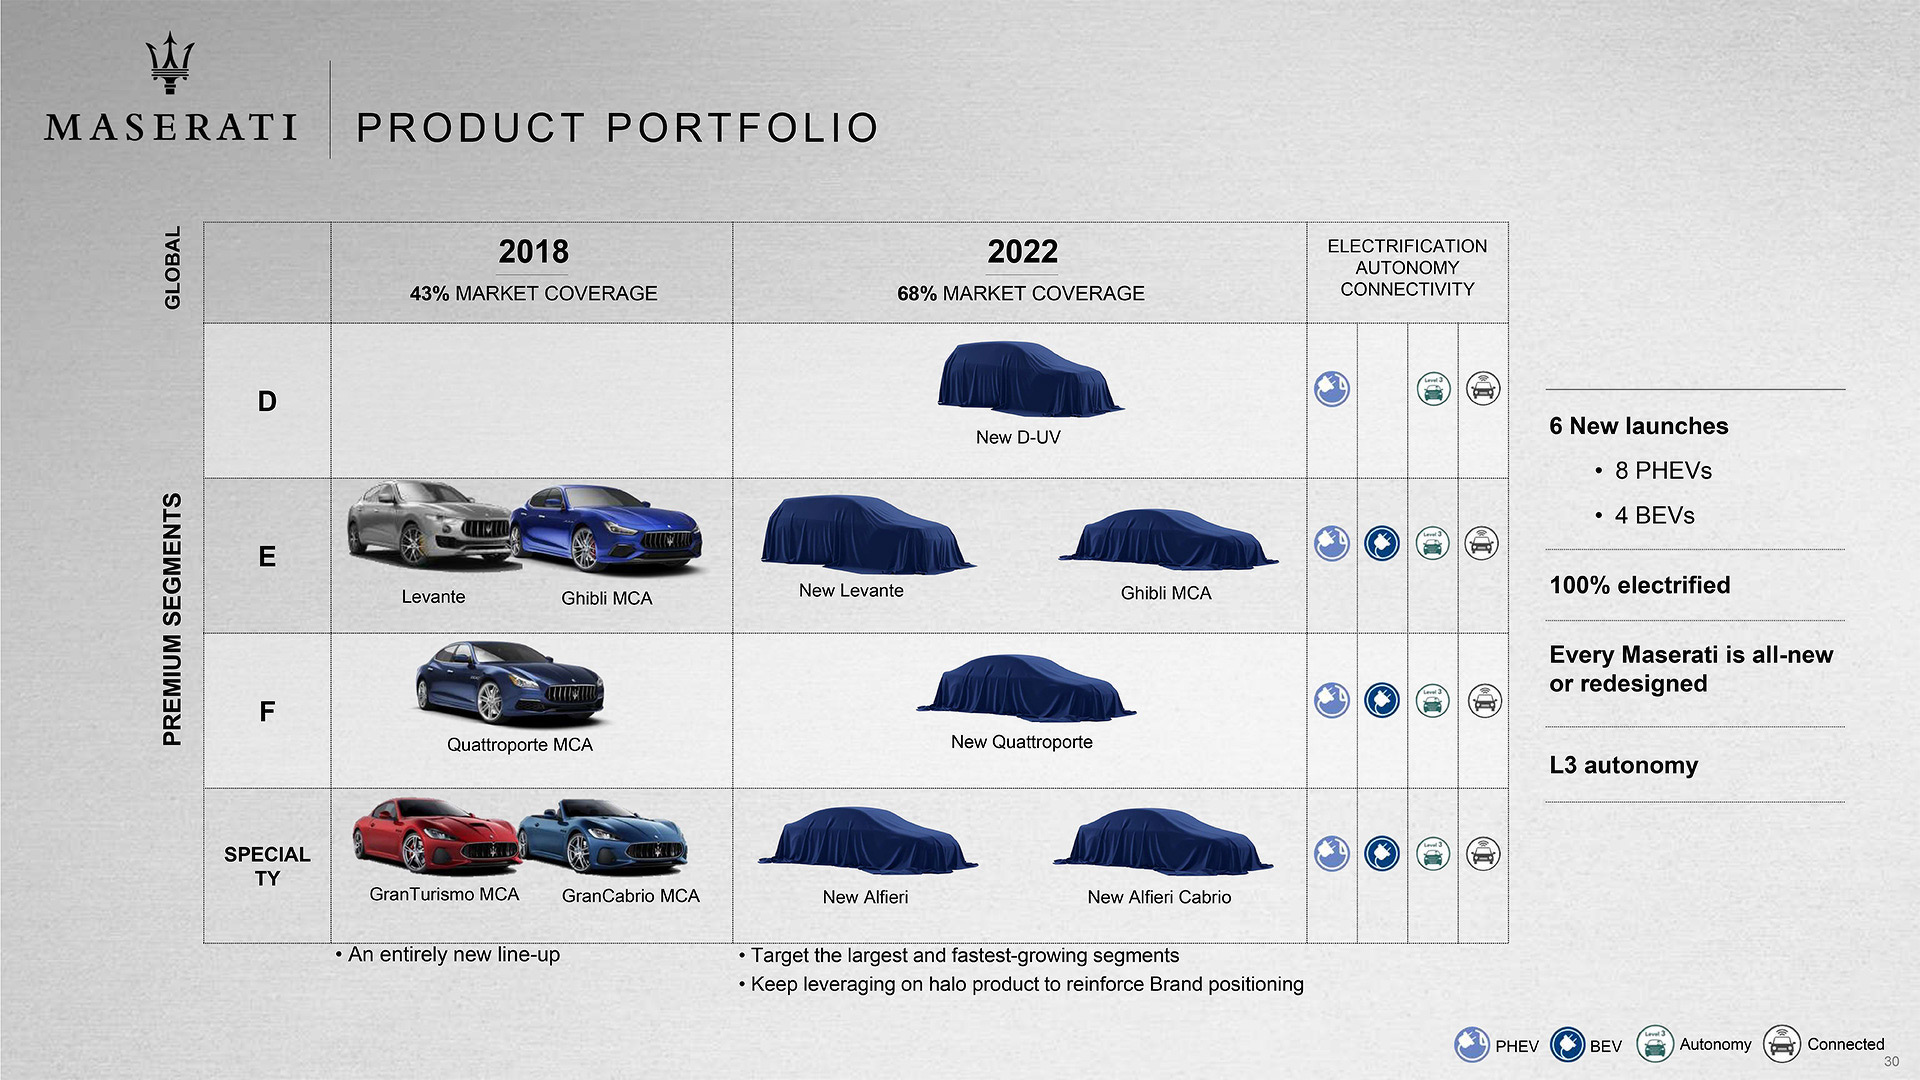 Maserati 2022 roadmap